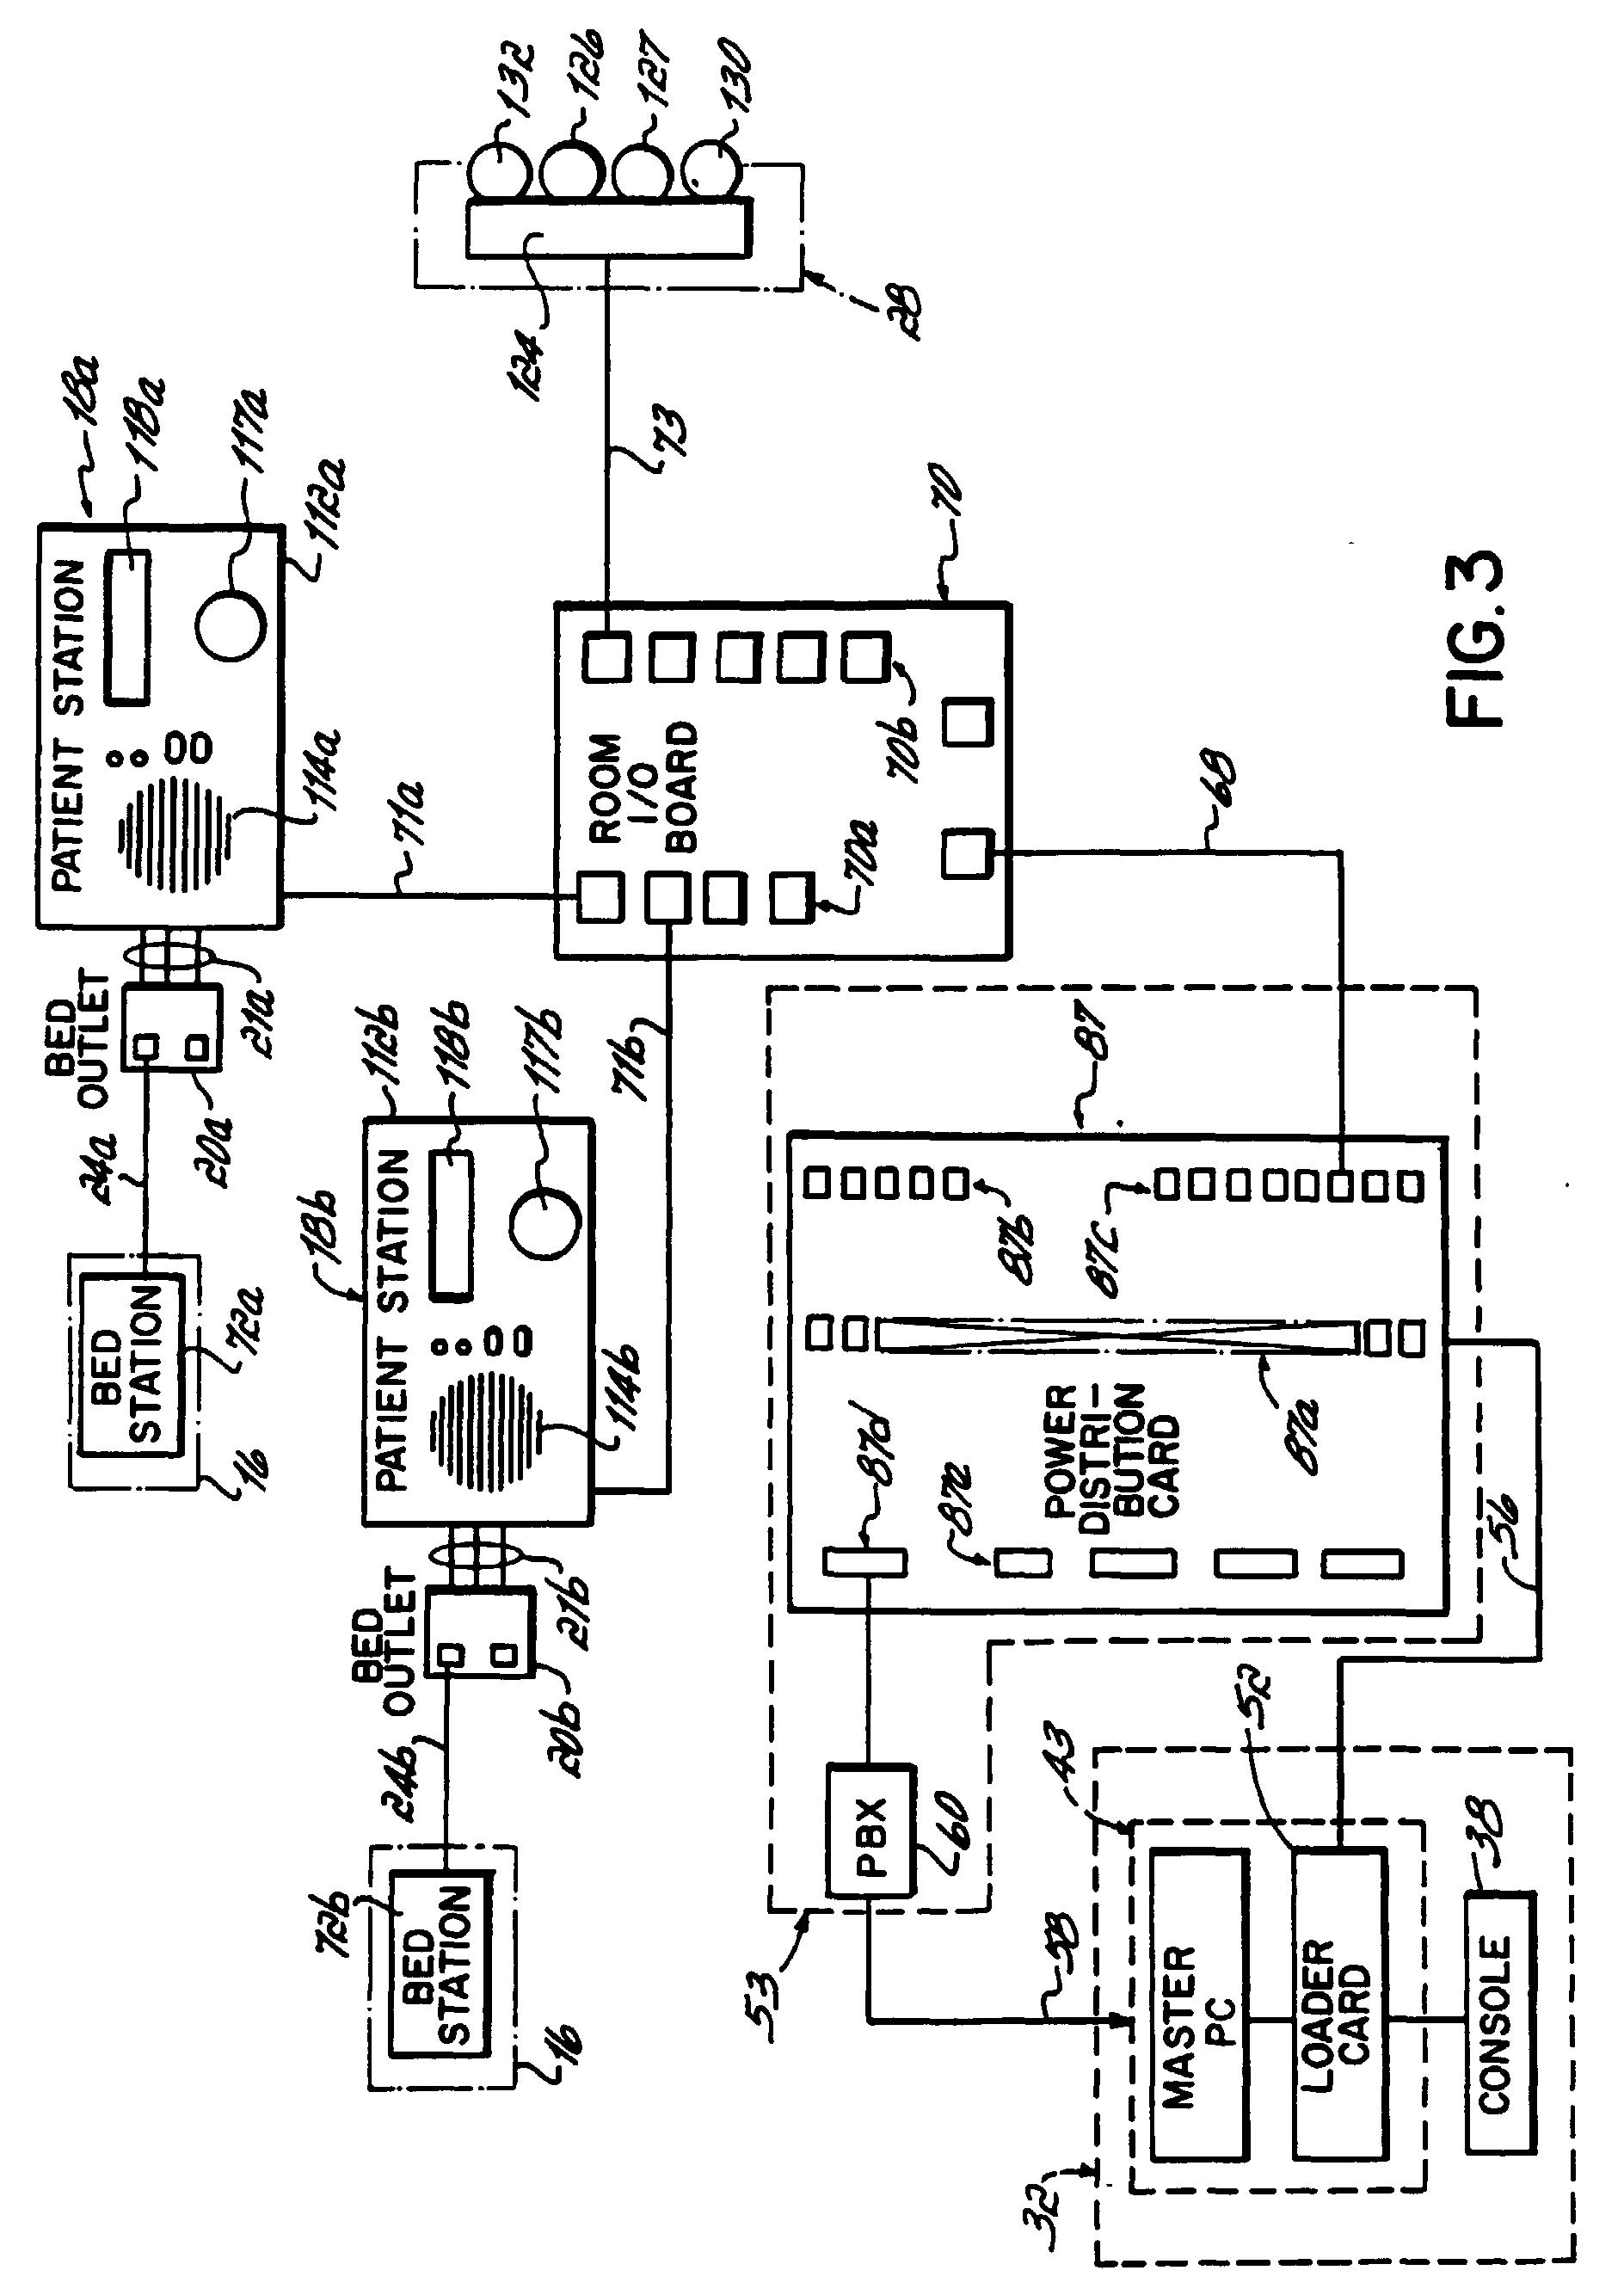 dukane wiring diagram wiring diagram schematics